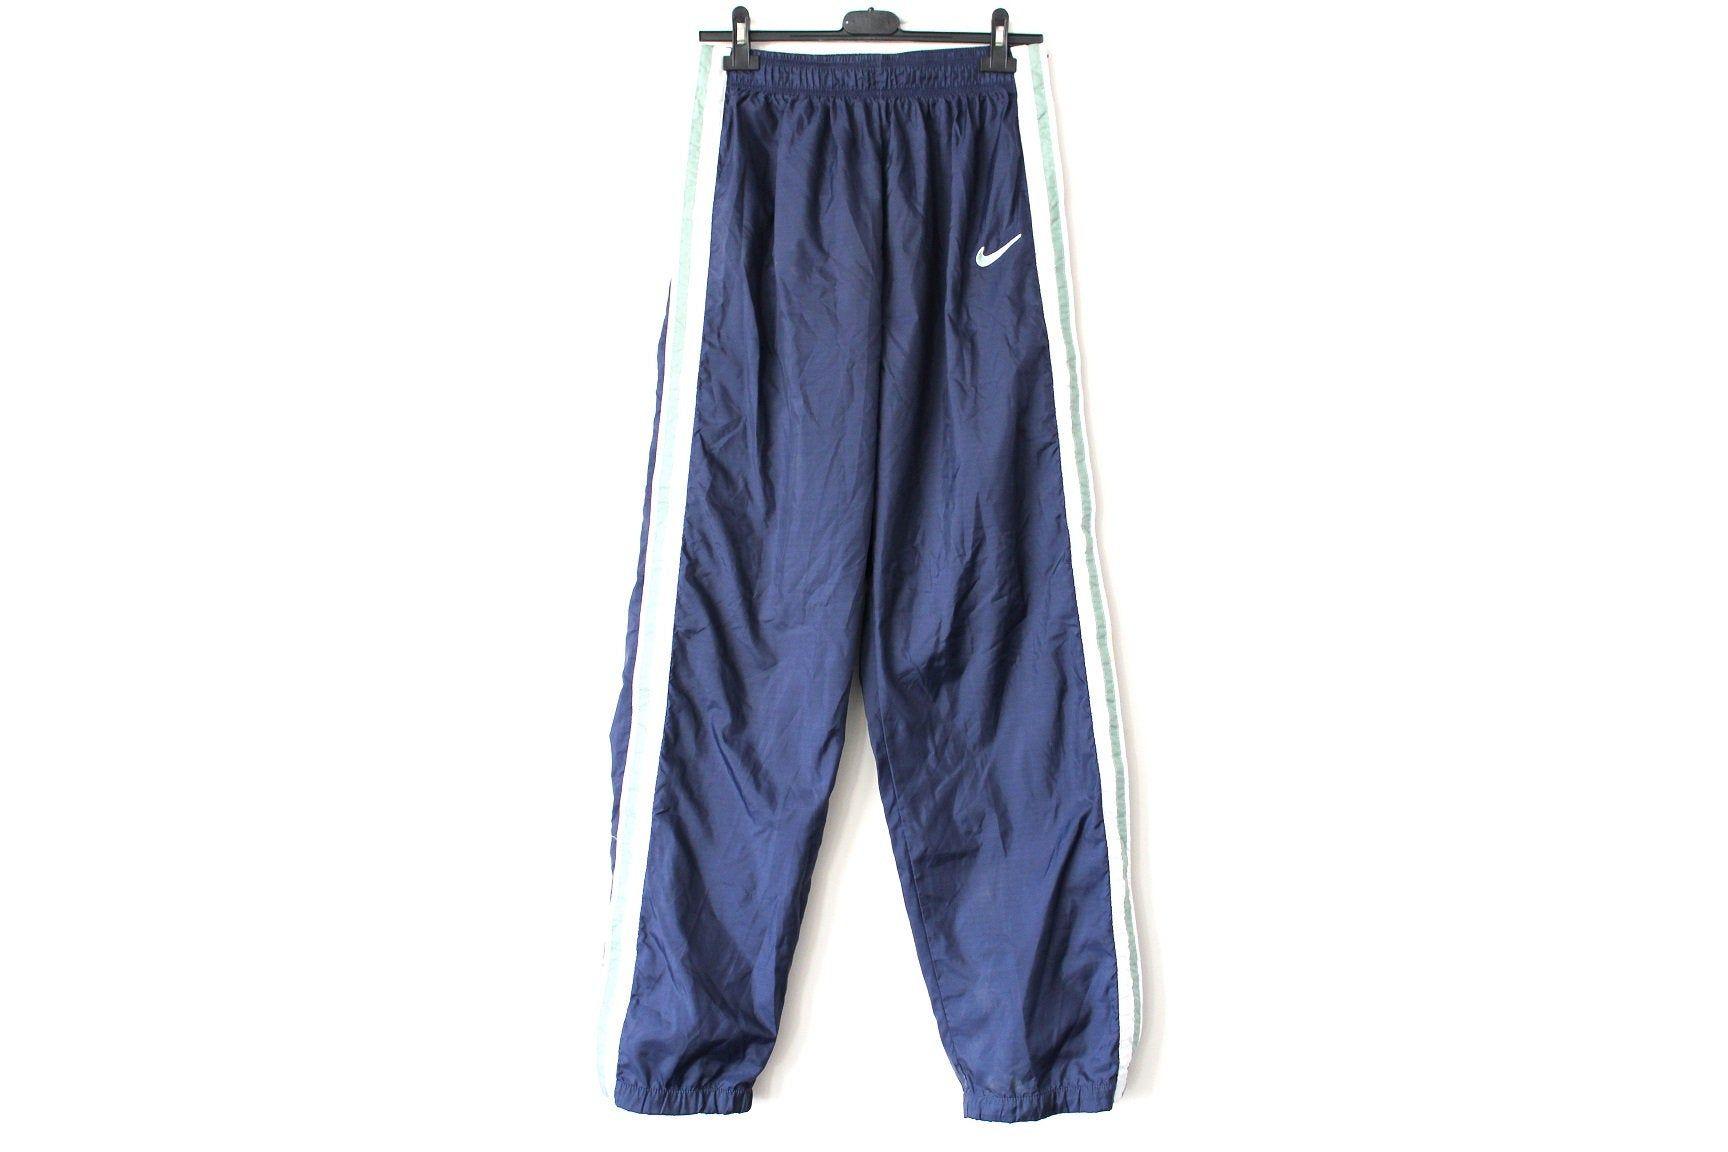 Vintage Nike Pants 90 S Nike Windbreaker Nike Trainers Nike Windbreaker 90s Nike Windbreaker Vintage Nike